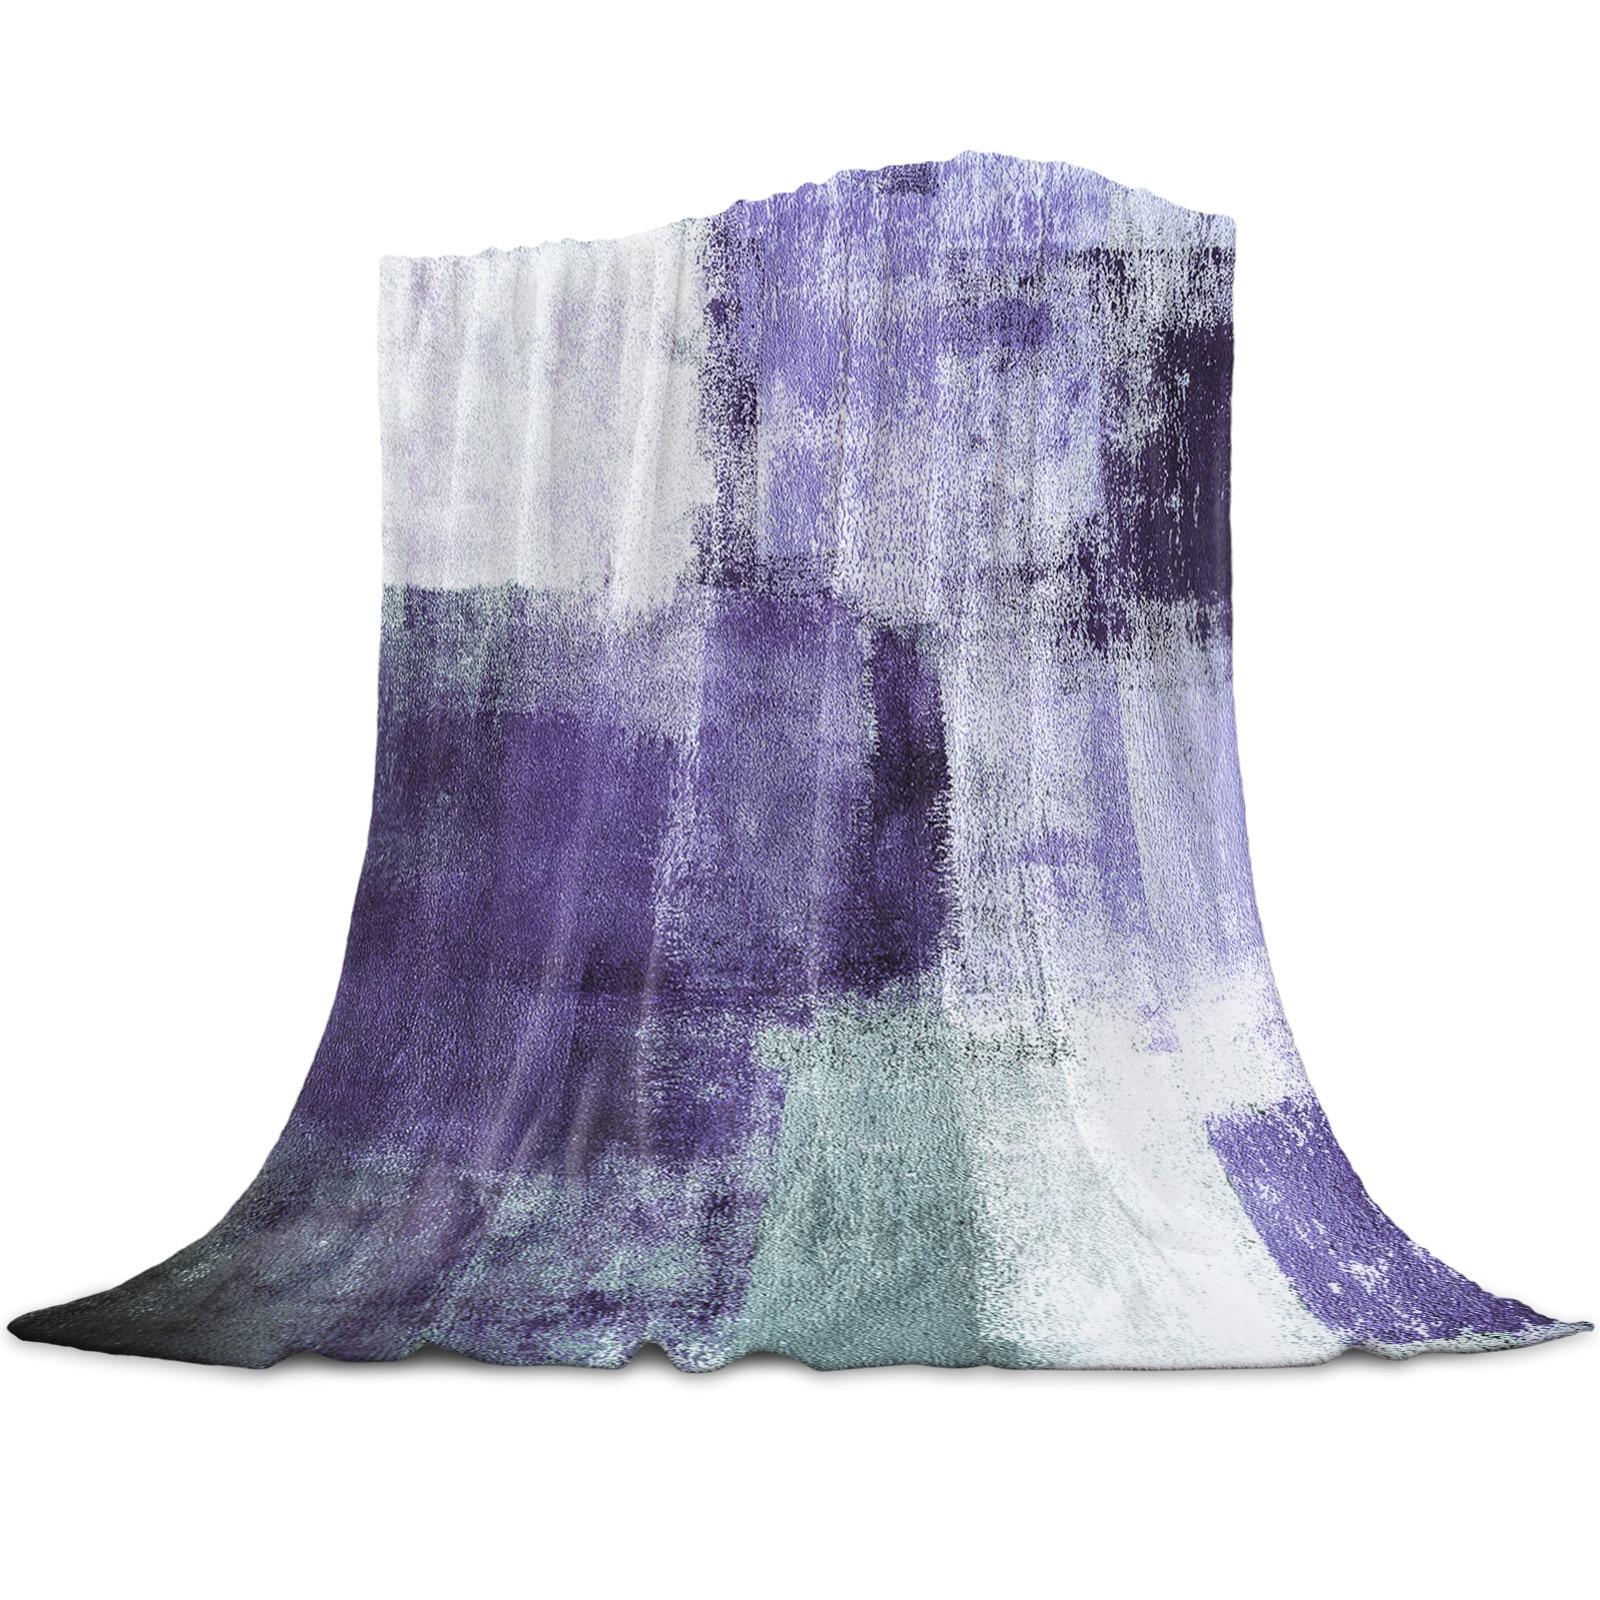 النفط اللوحة مجردة هندسية الأرجواني رمي بطانية للأسرة ستوكات الفانيلا بطانية دافئة أريكة الفراش المفرش الهدايا